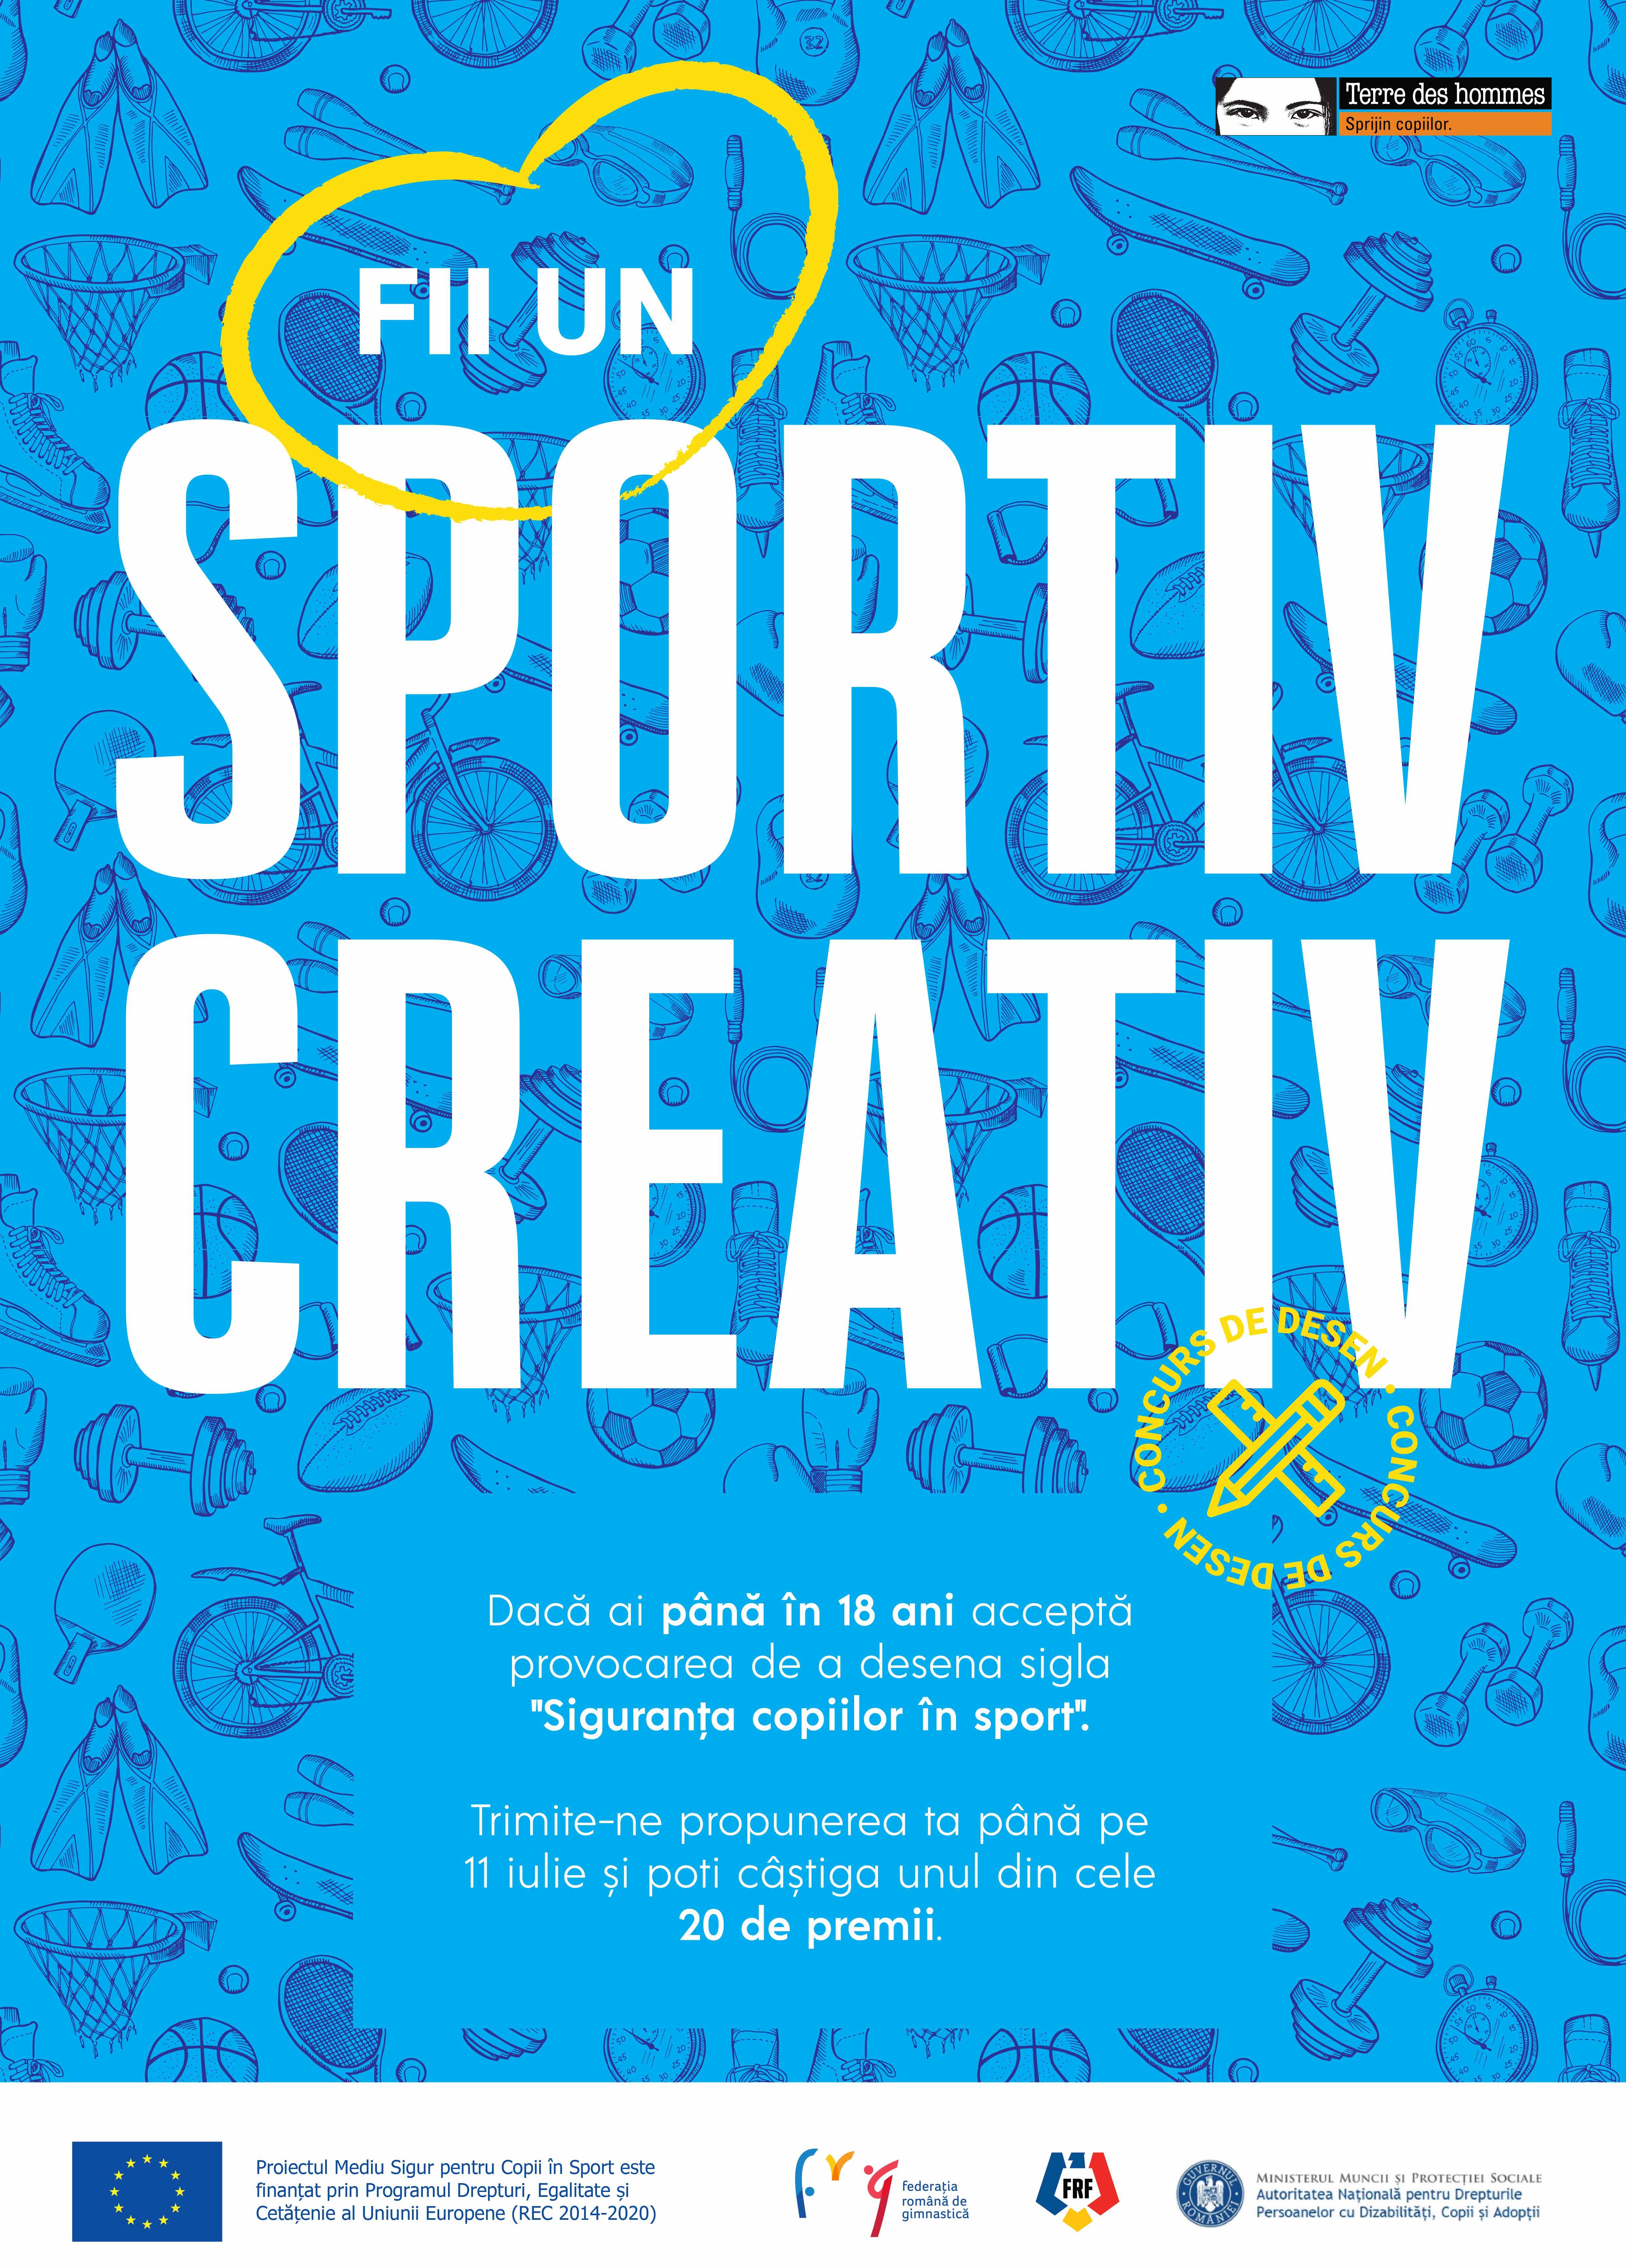 Concurs de desen: Devino creatorul siglei Siguranța copiilor în sport!